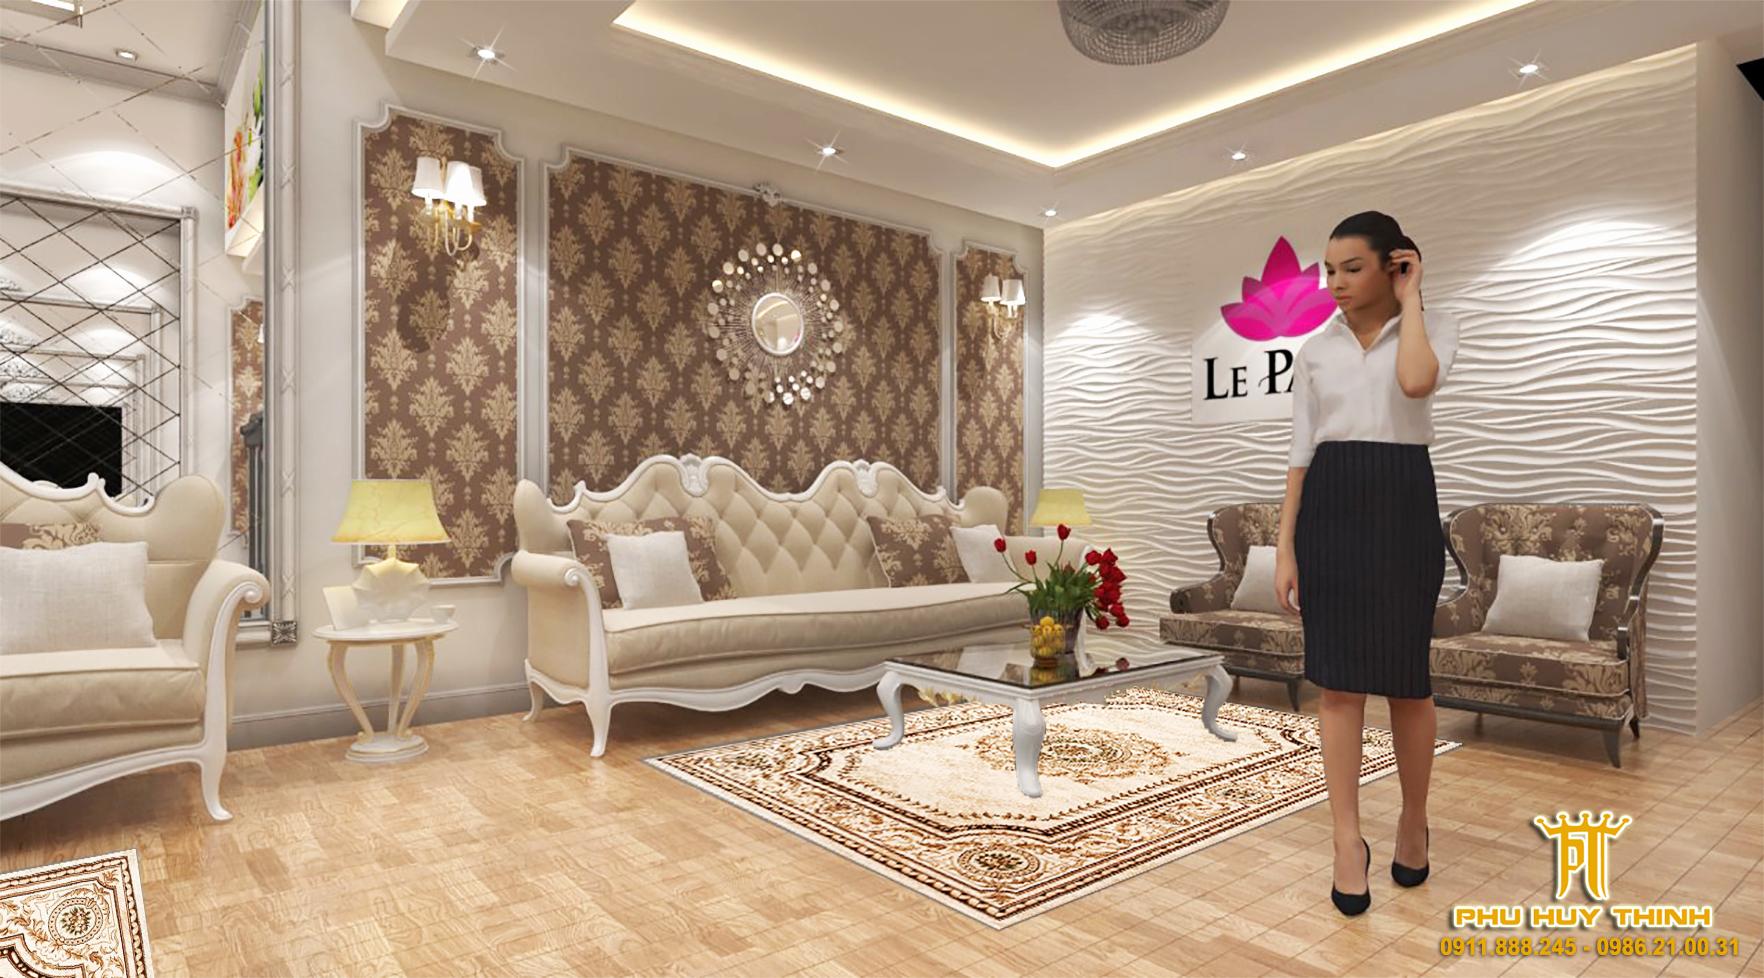 thiết kế nội thất Spa tại Đà Nẵng Le Park Spa 1 1537532053